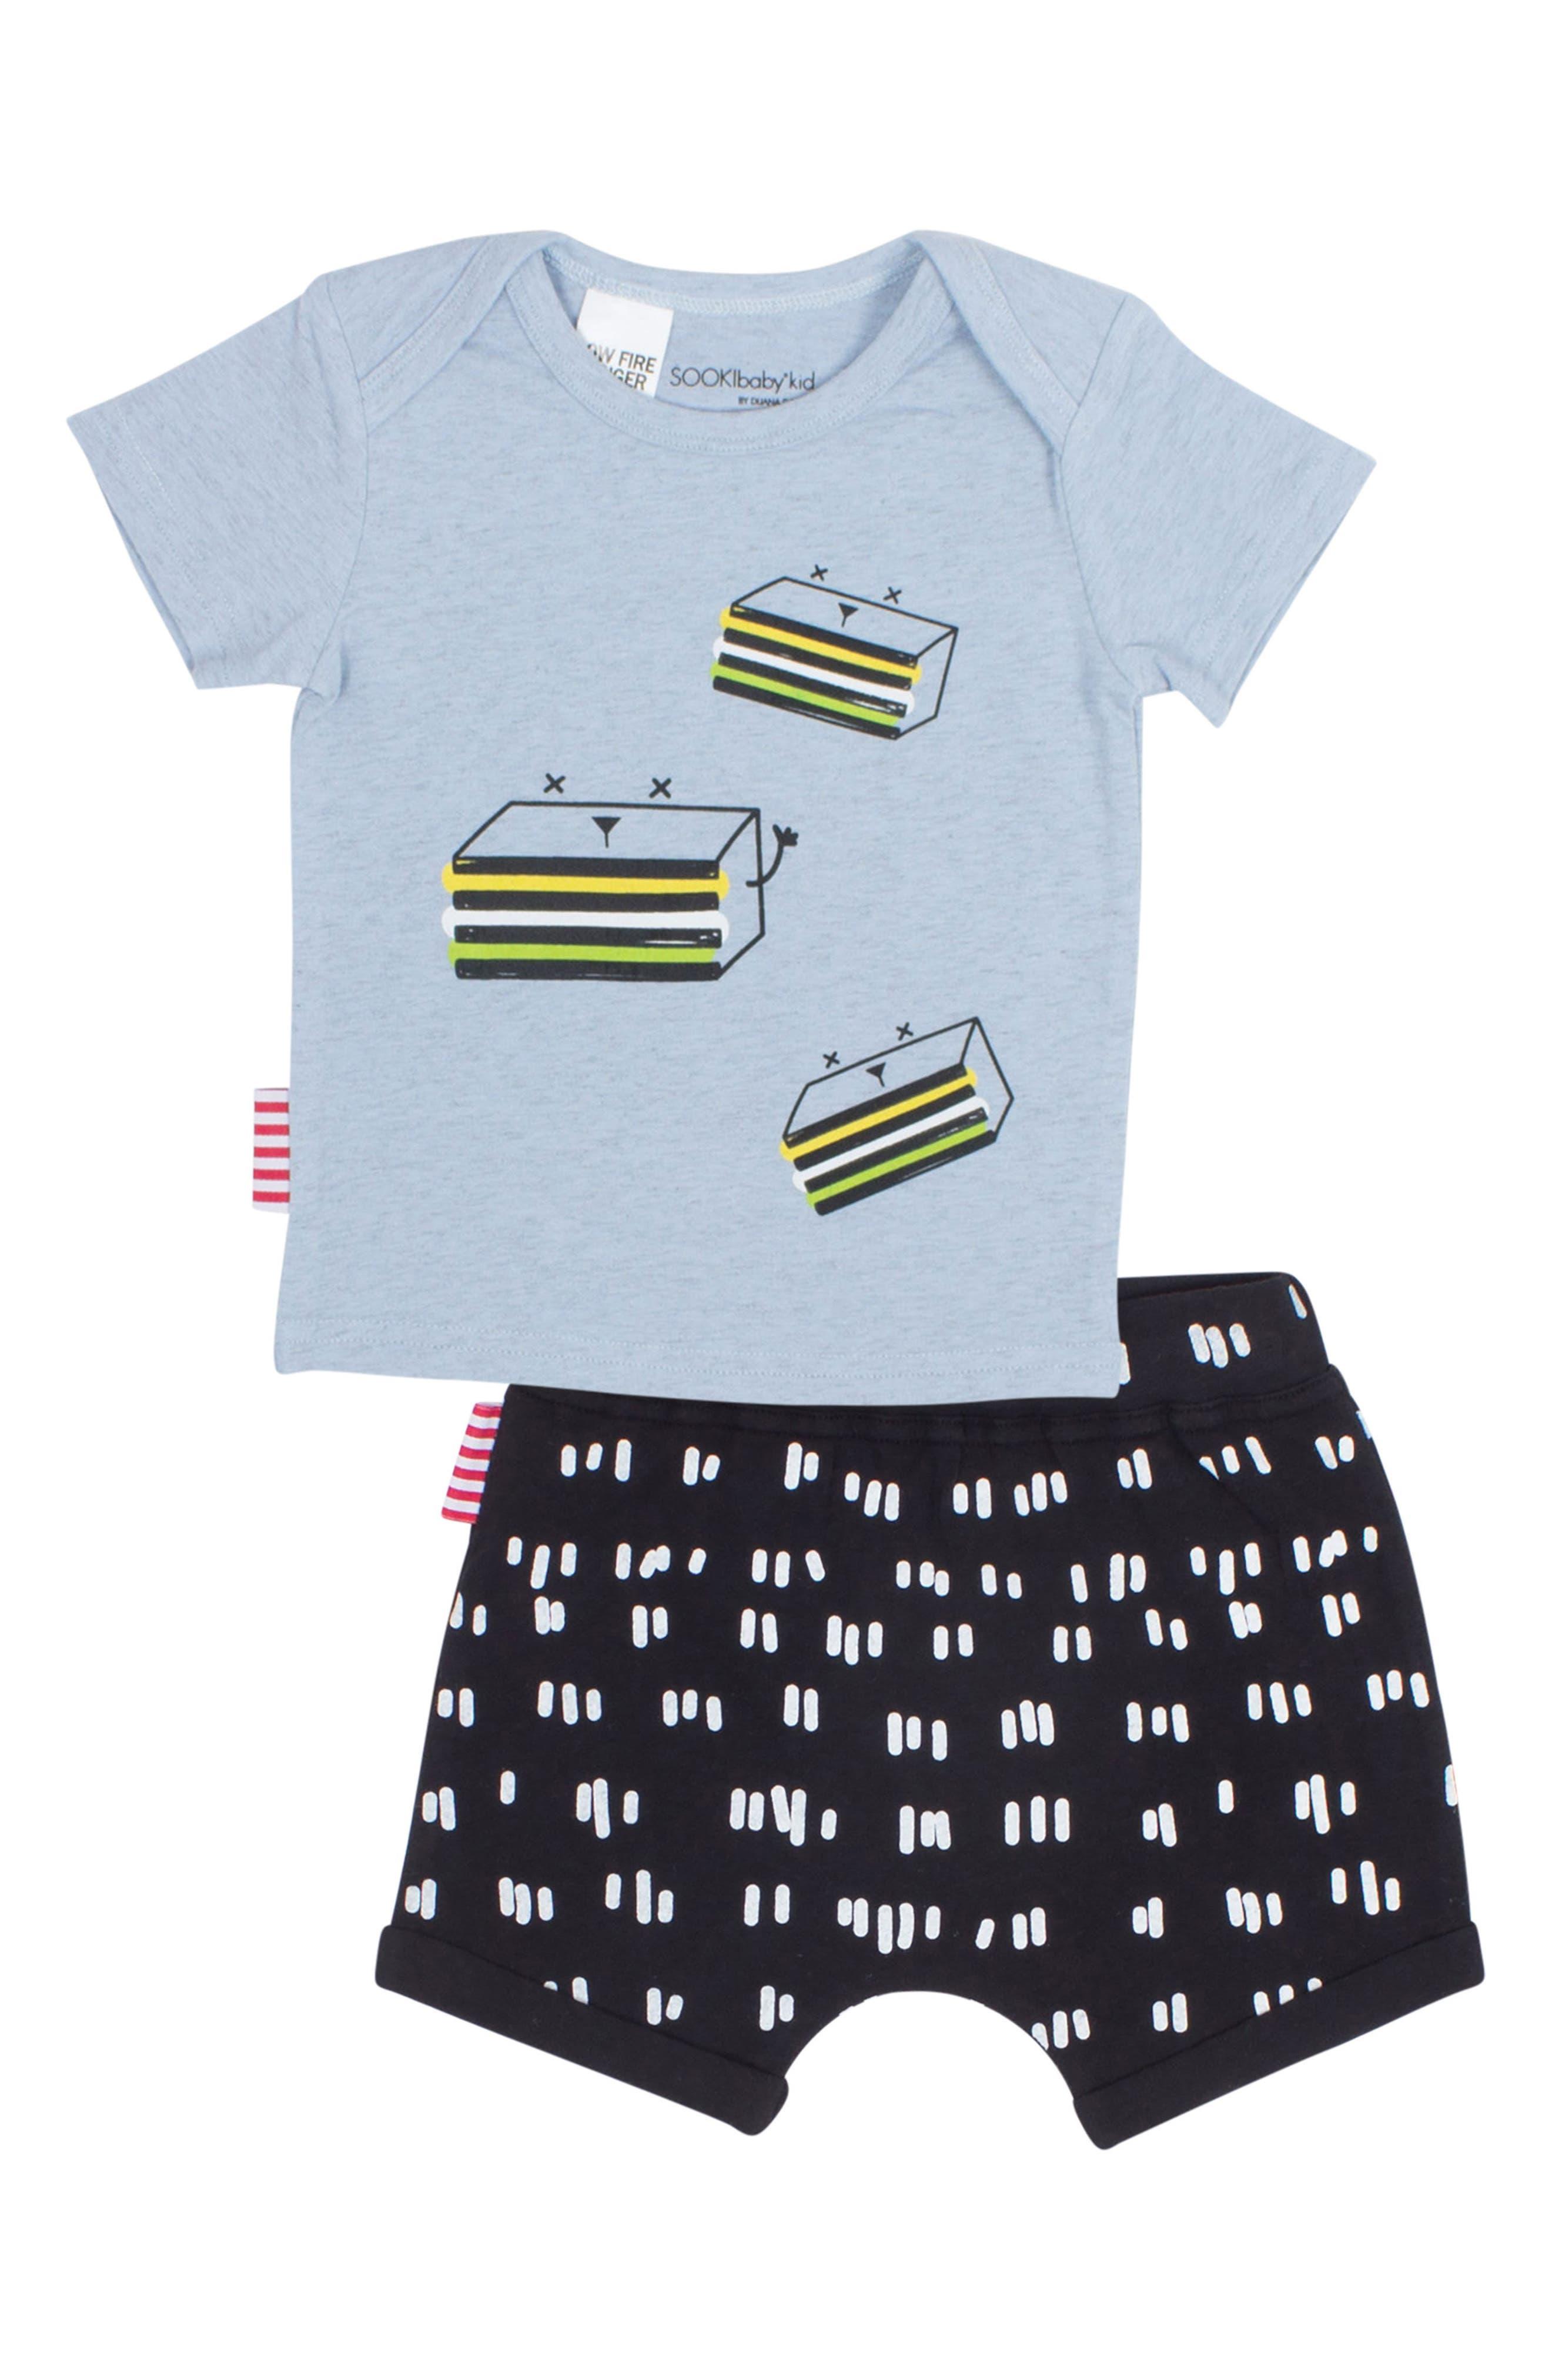 Licorice T-Shirt & Shorts Set,                             Main thumbnail 1, color,                             Blue/ Black